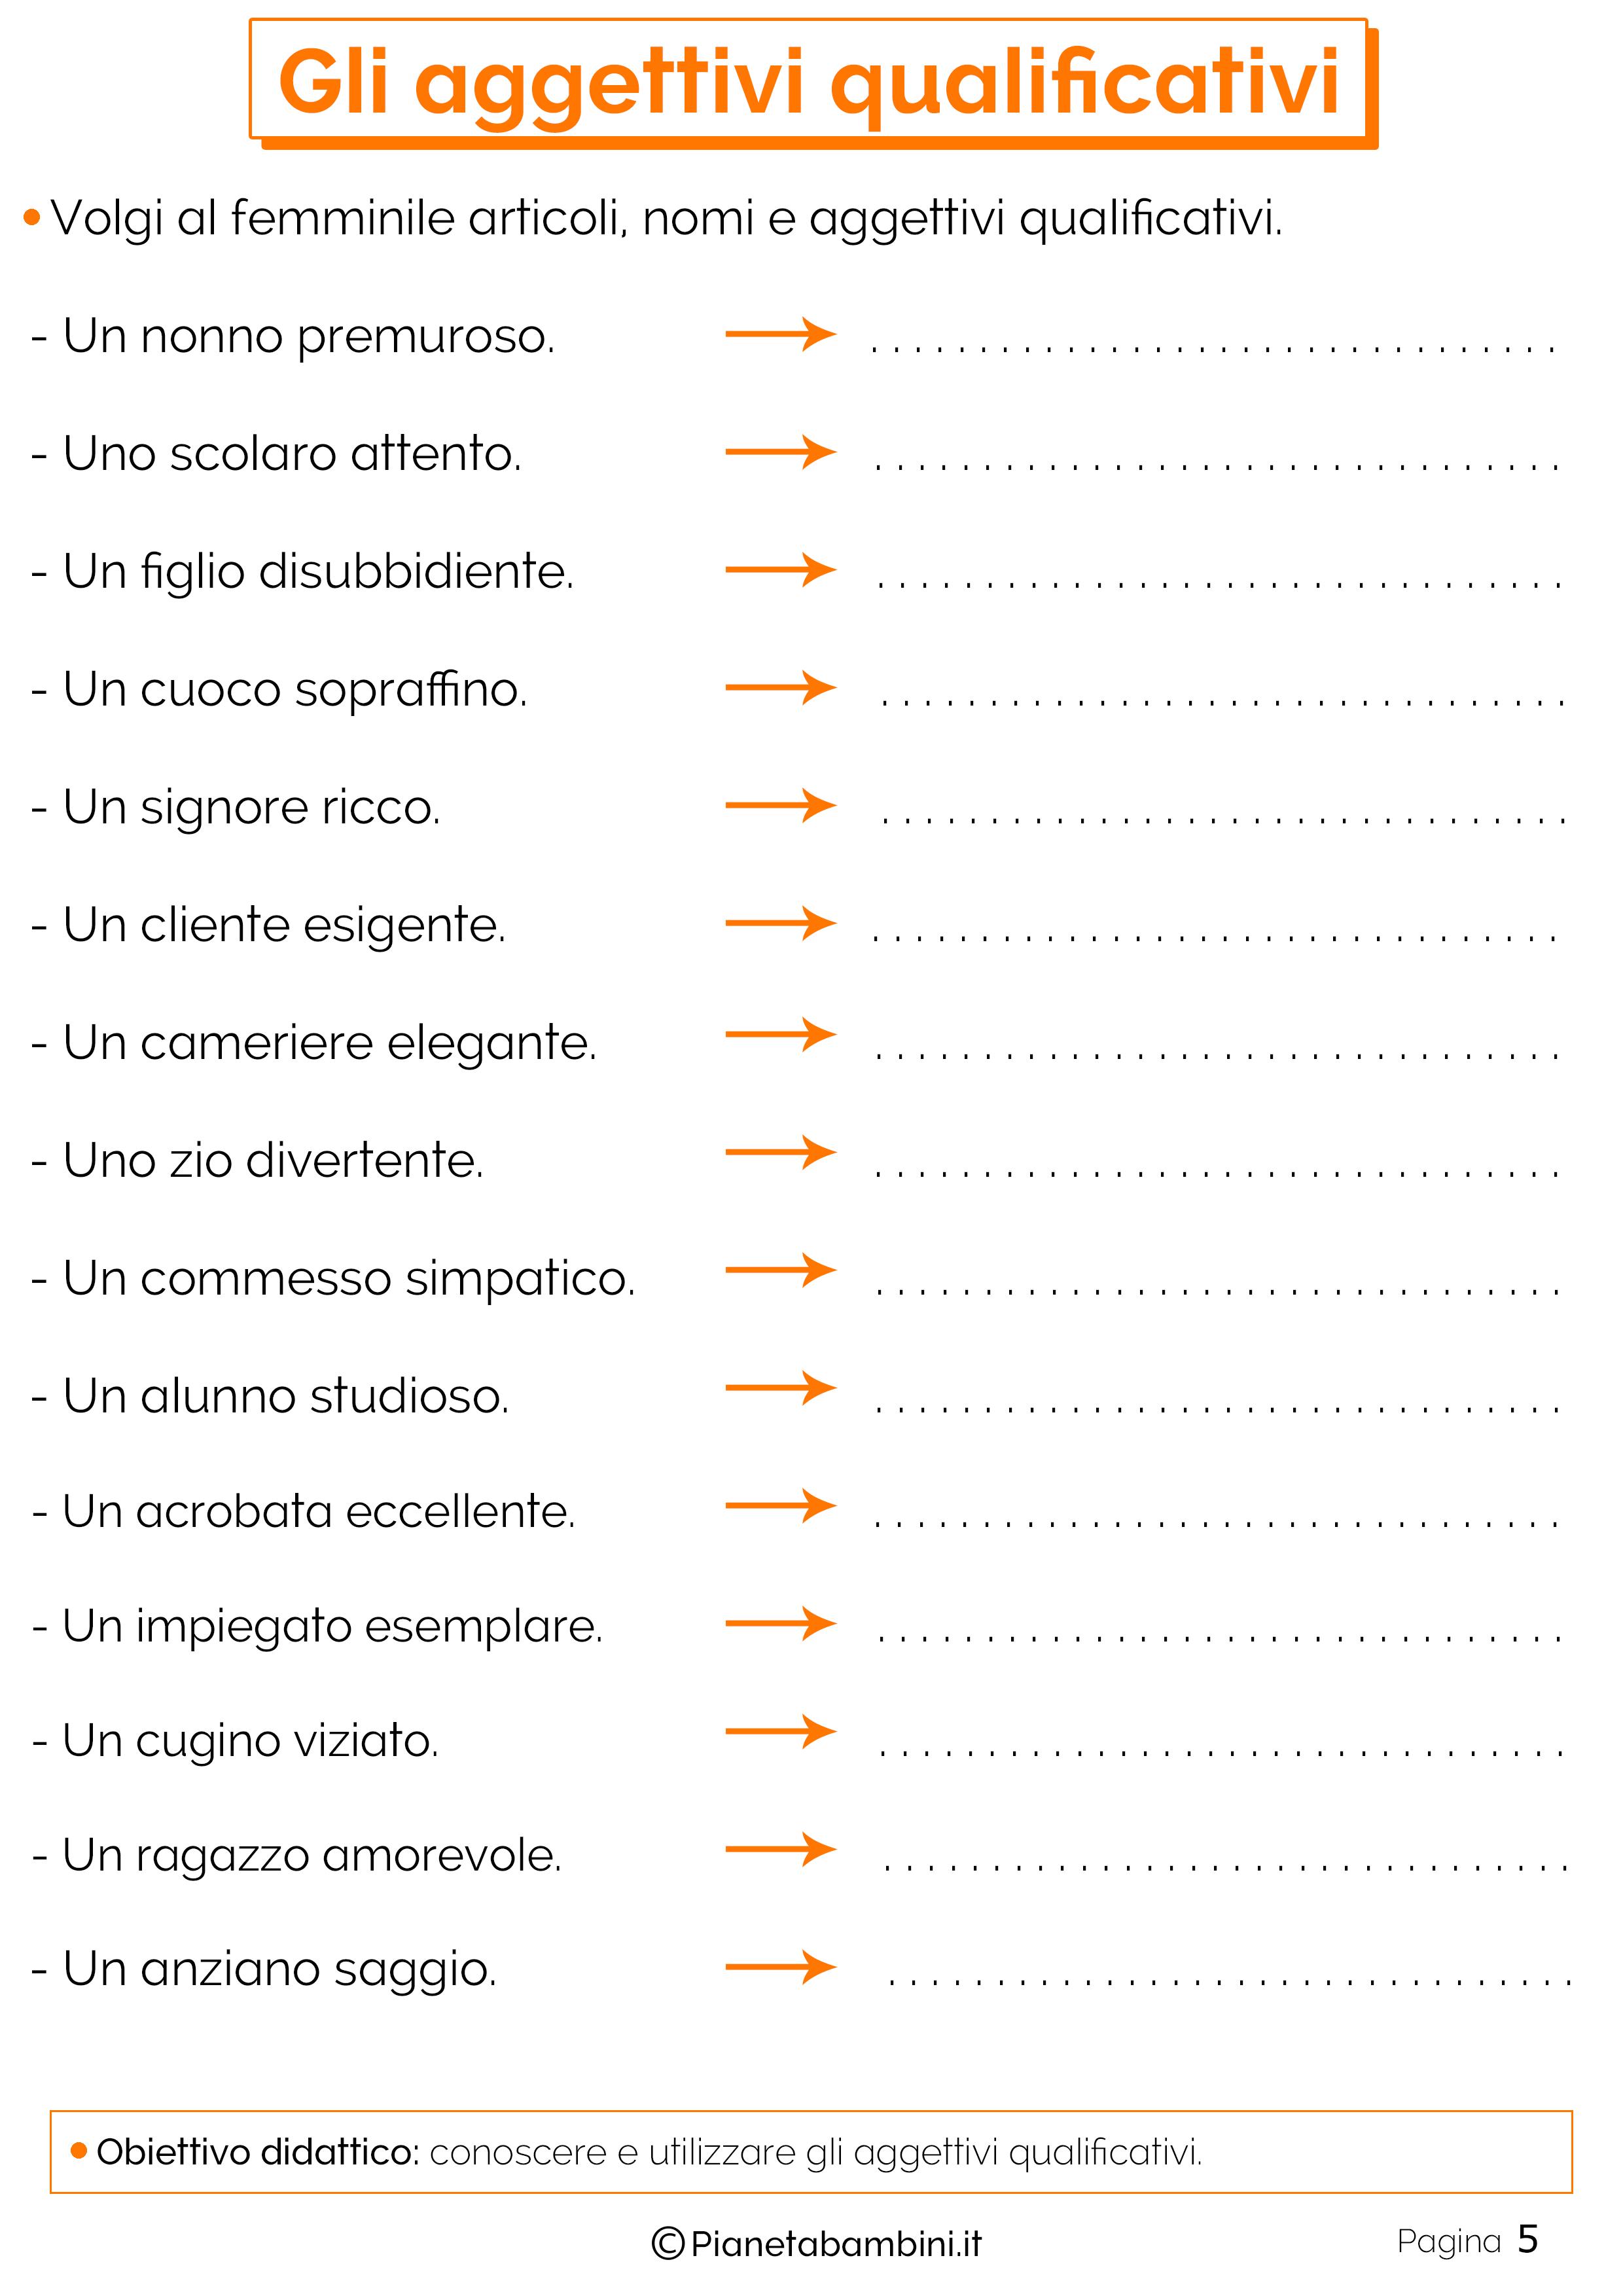 Esercizi sugli aggettivi qualificativi 5